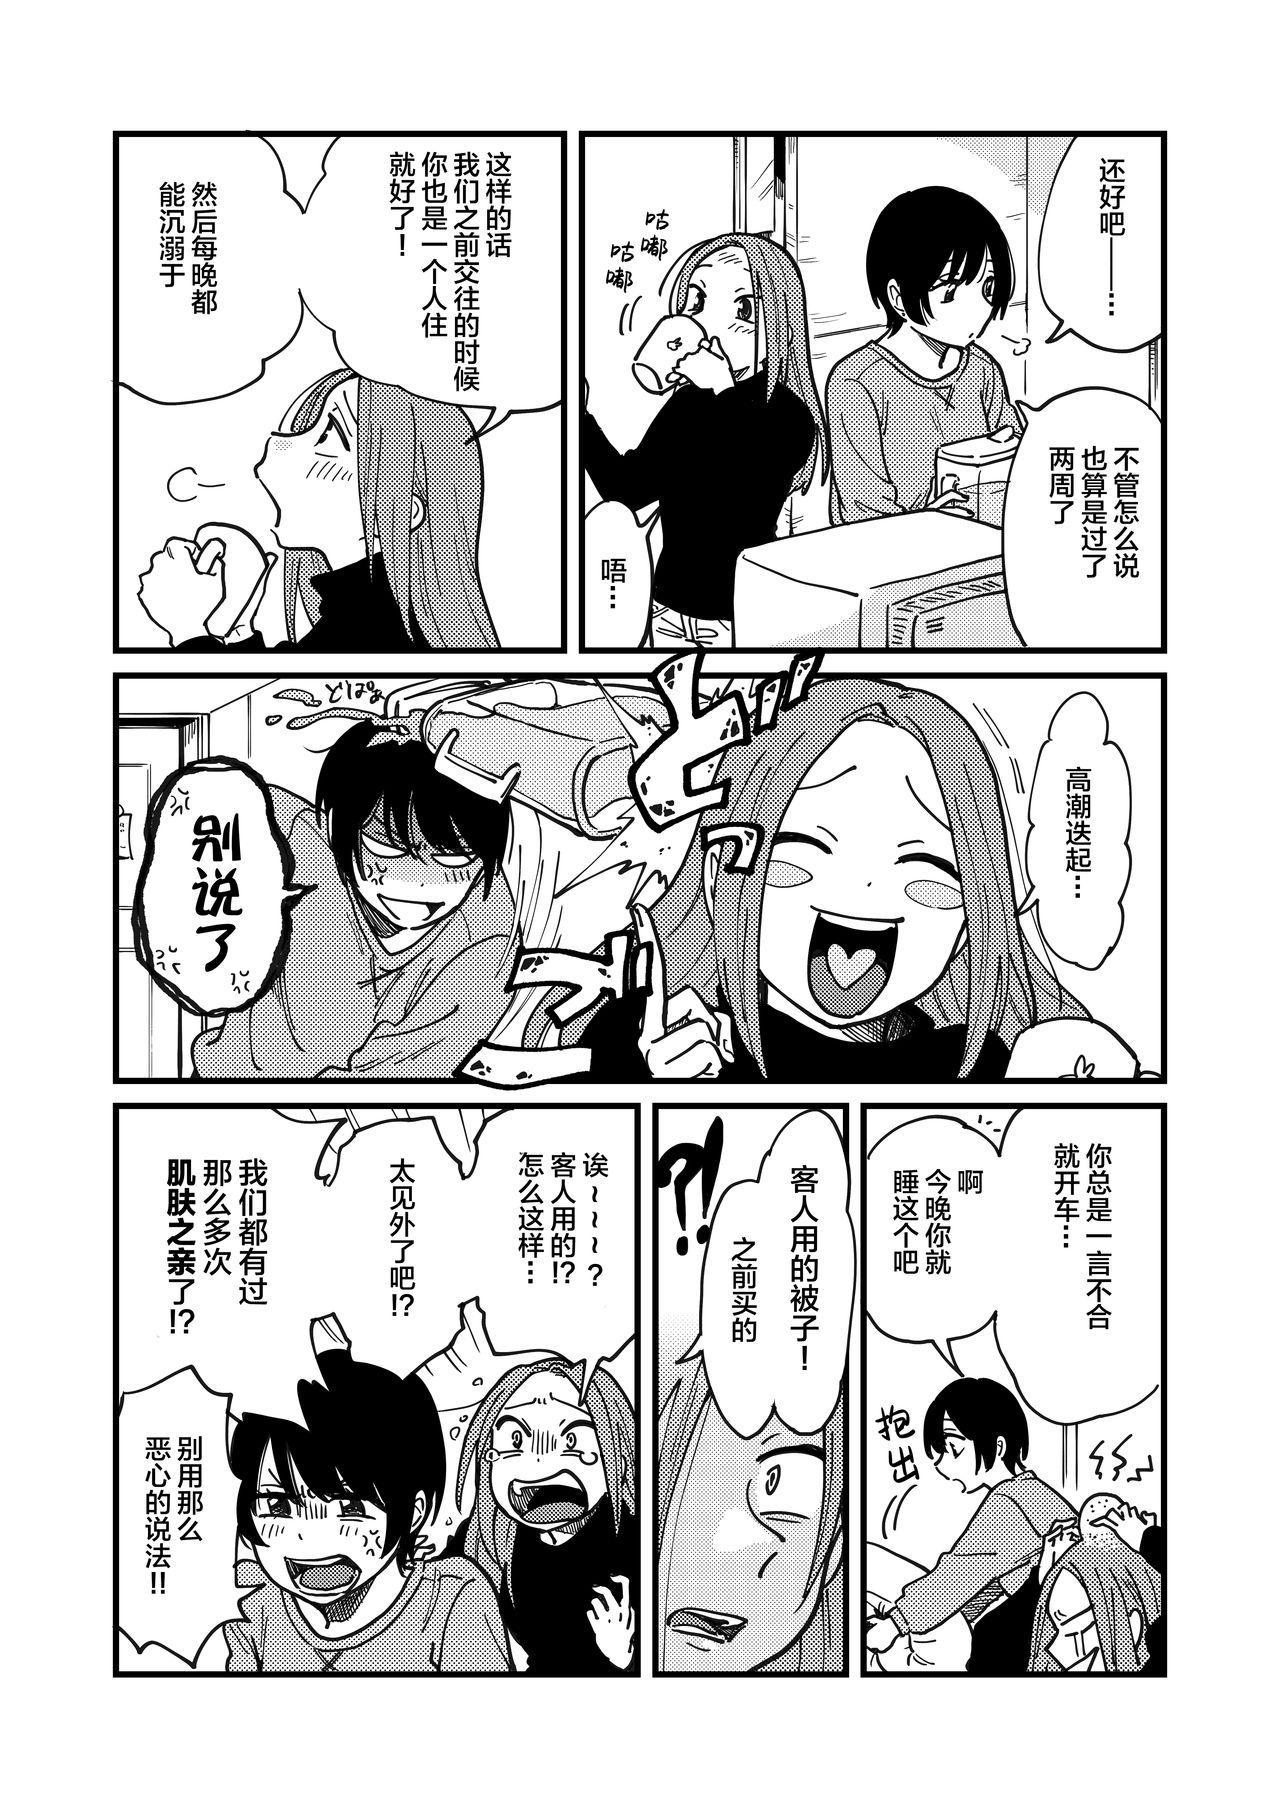 Tsukiatte Nai Kedo Yarimashita | 明明没有在交往,却还是做了 6